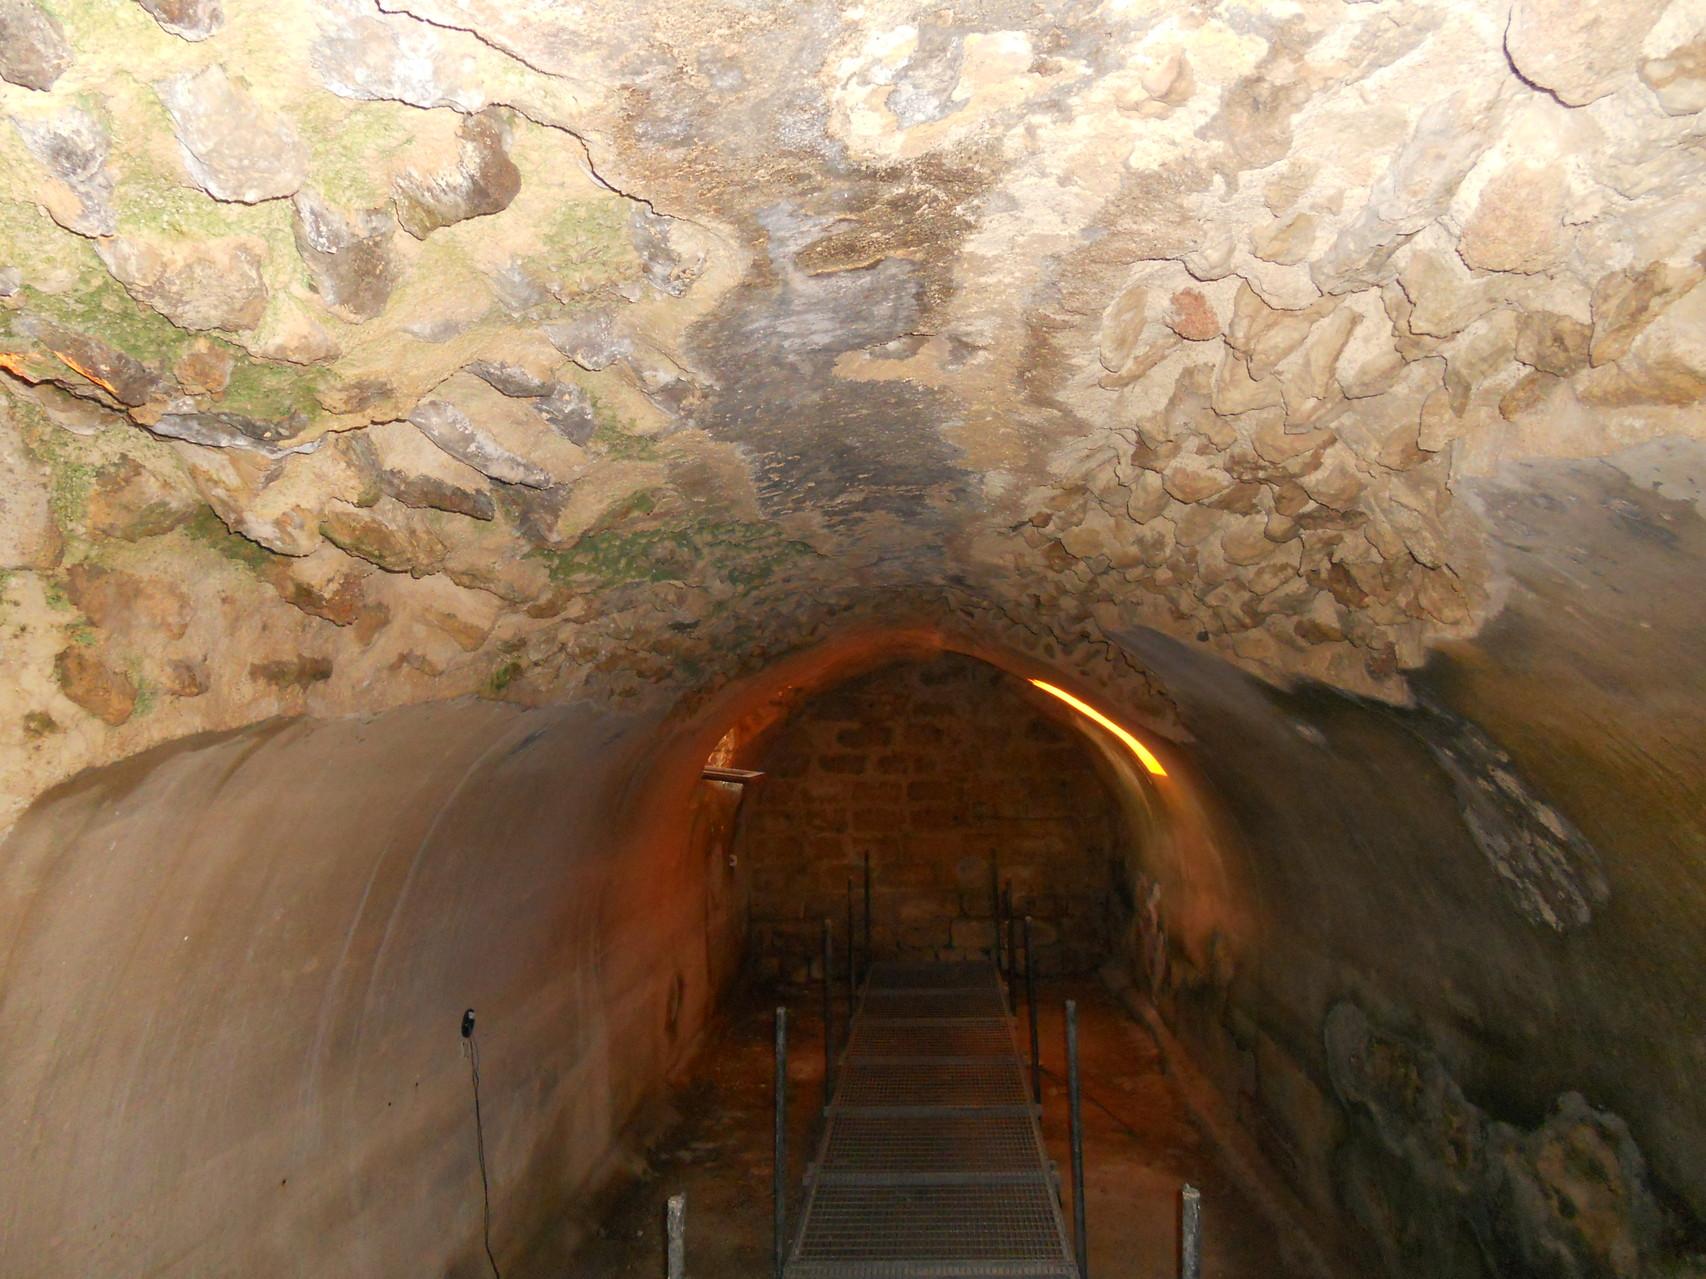 Romeins reservoirin het archeologische park van Saturo.